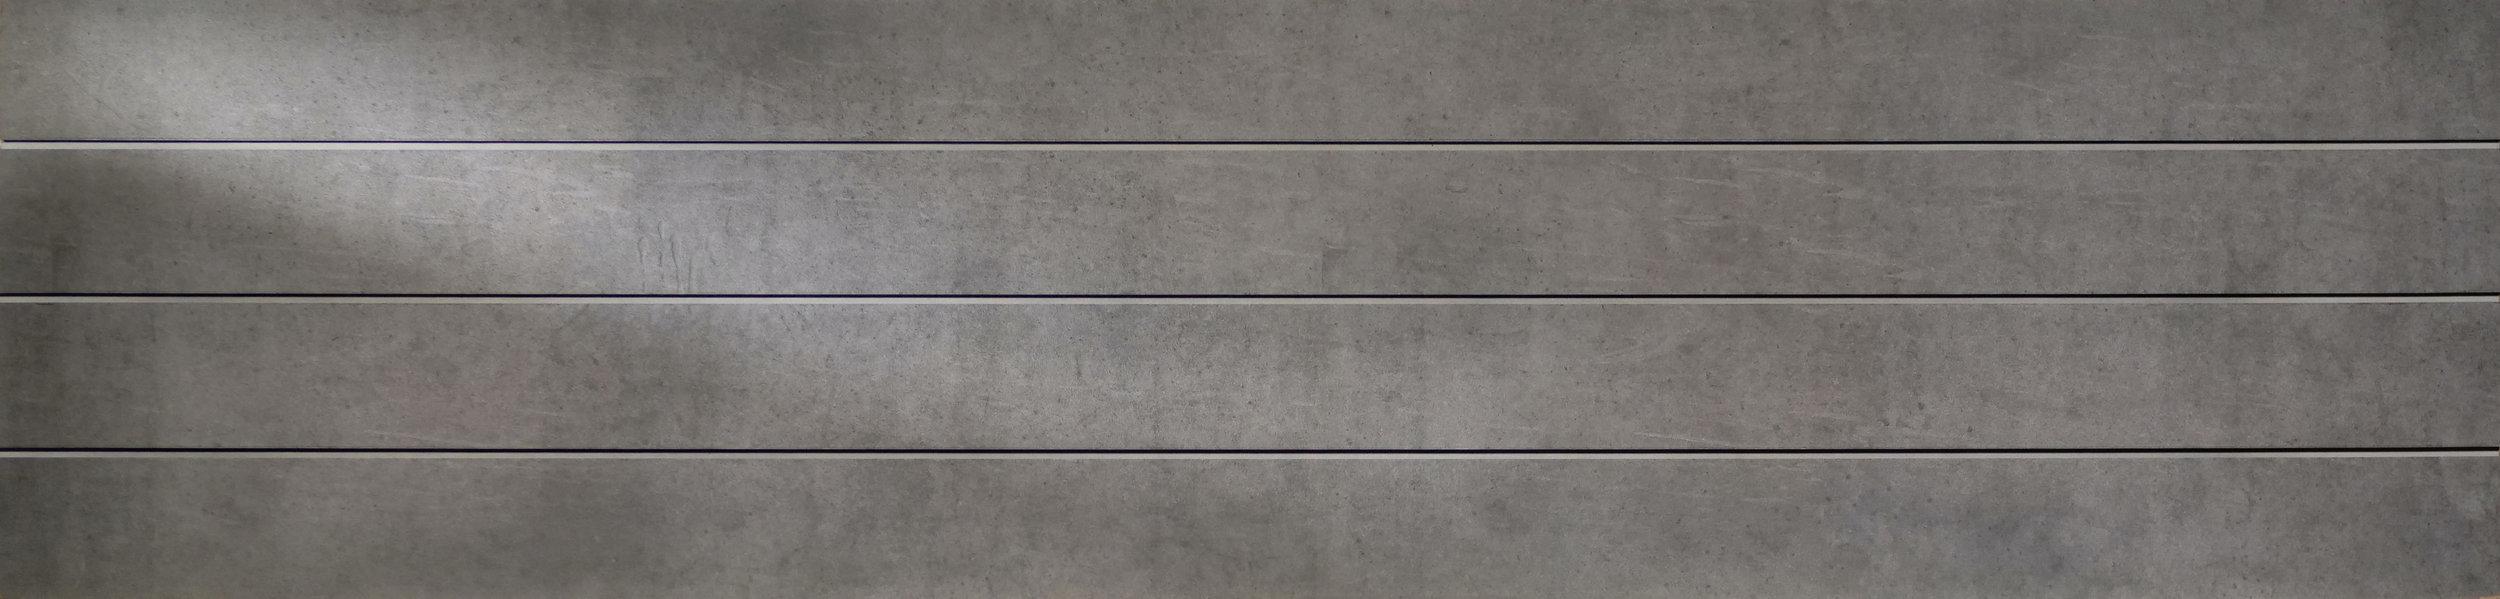 natural cemente full panel.jpg